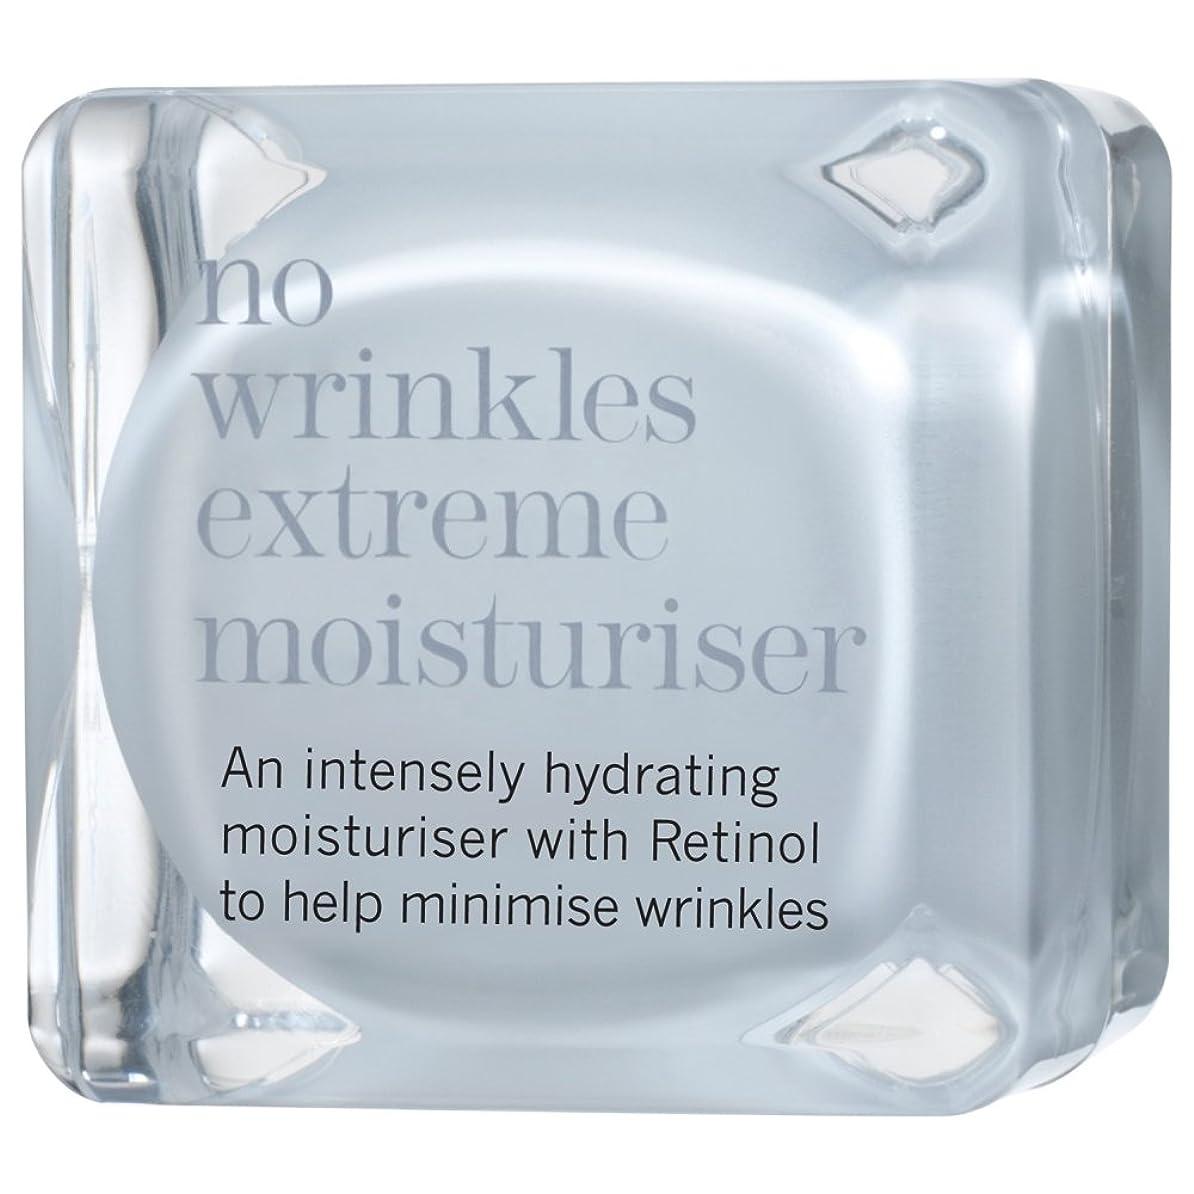 安息芸術的ヘクタールこれにはしわ極端な保湿機能しない、48ミリリットル (This Works) - This Works No Wrinkles Extreme Moisturiser, 48ml [並行輸入品]